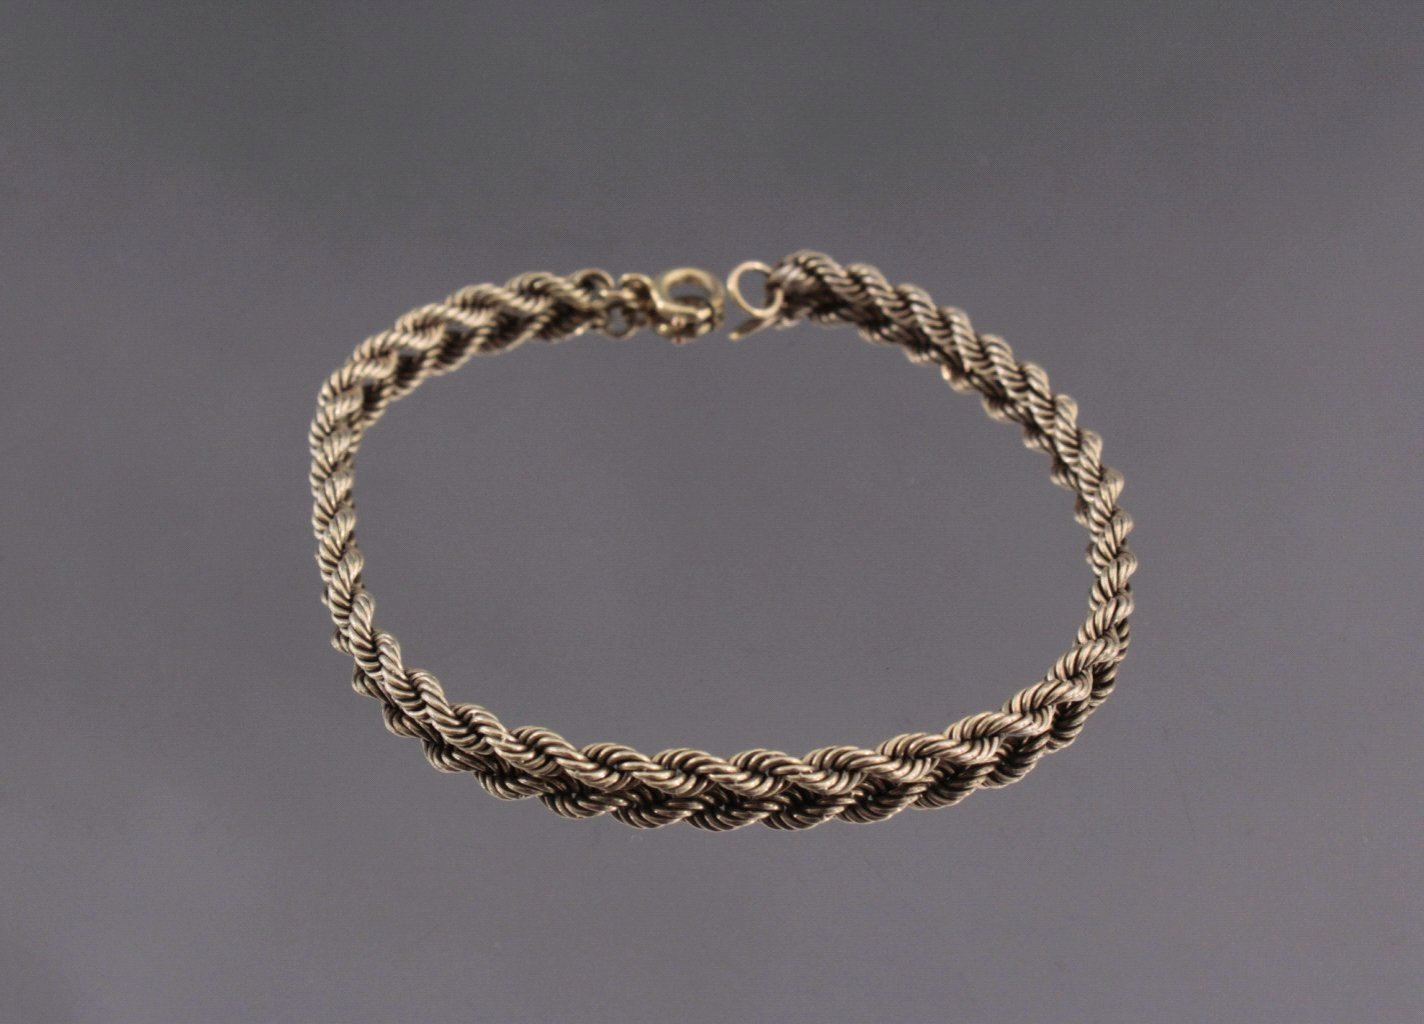 Kinder-Armband, 8 Karat Gelbgold